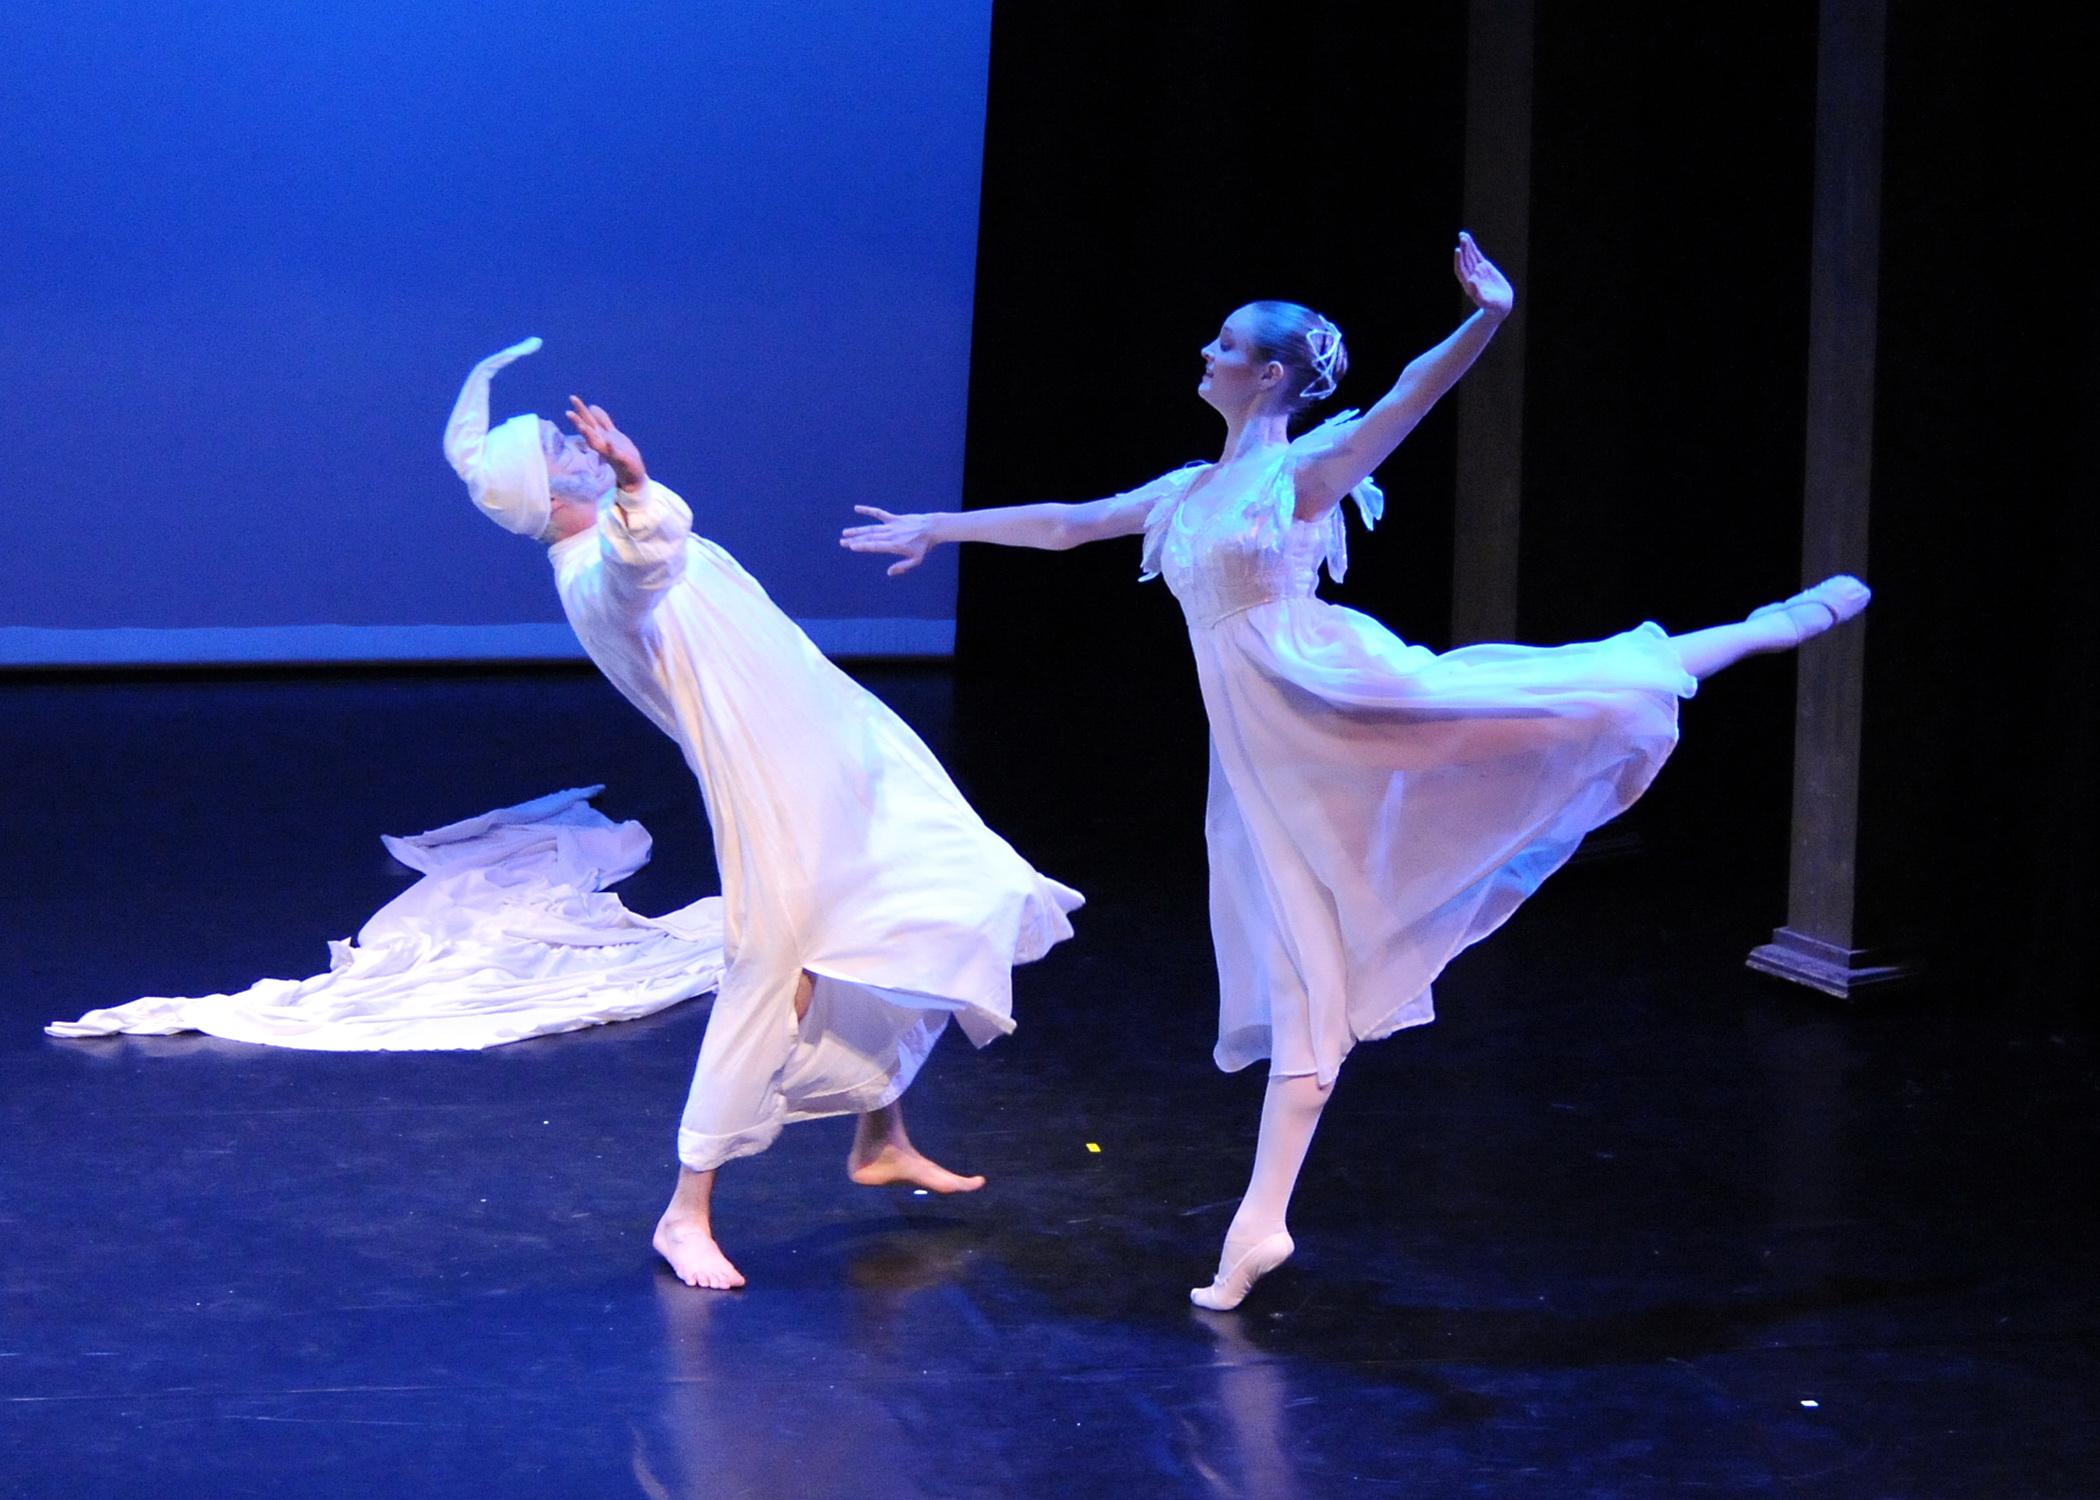 Dancers: Michael Wiedner & Laura Betz